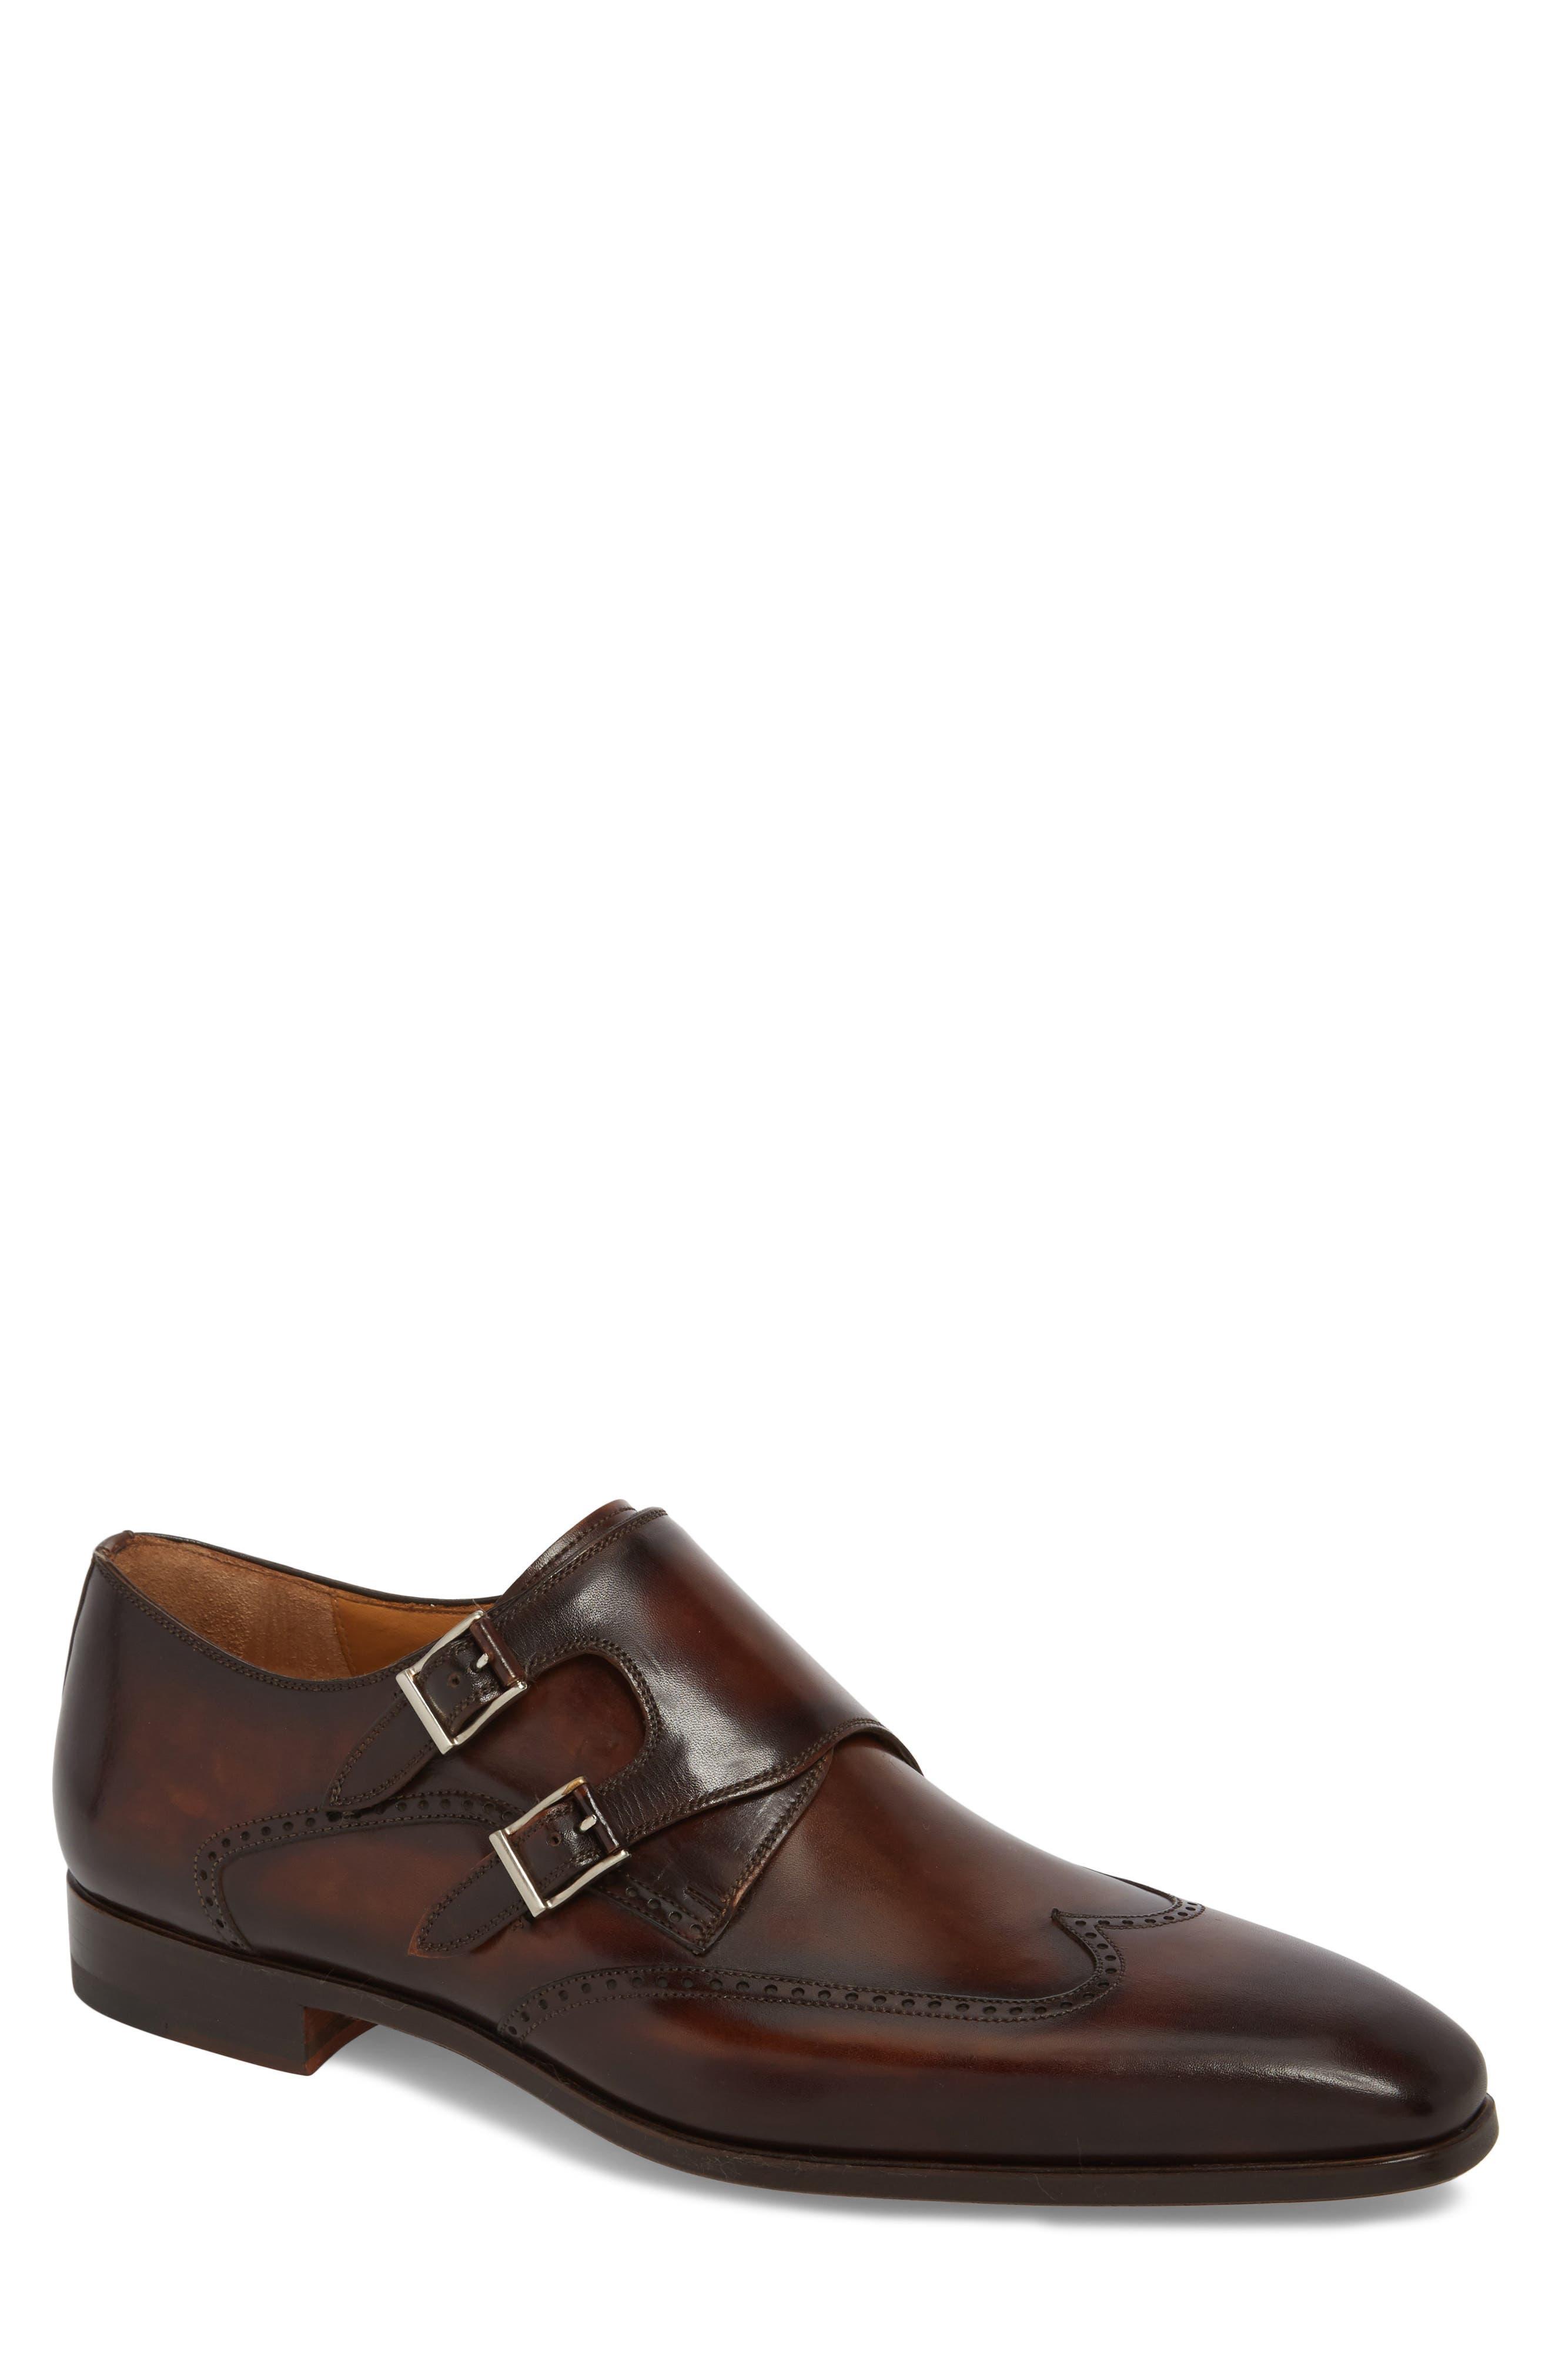 Dixon Wingtip Double Strap Monk Shoe,                             Main thumbnail 1, color,                             Tobacco Leather